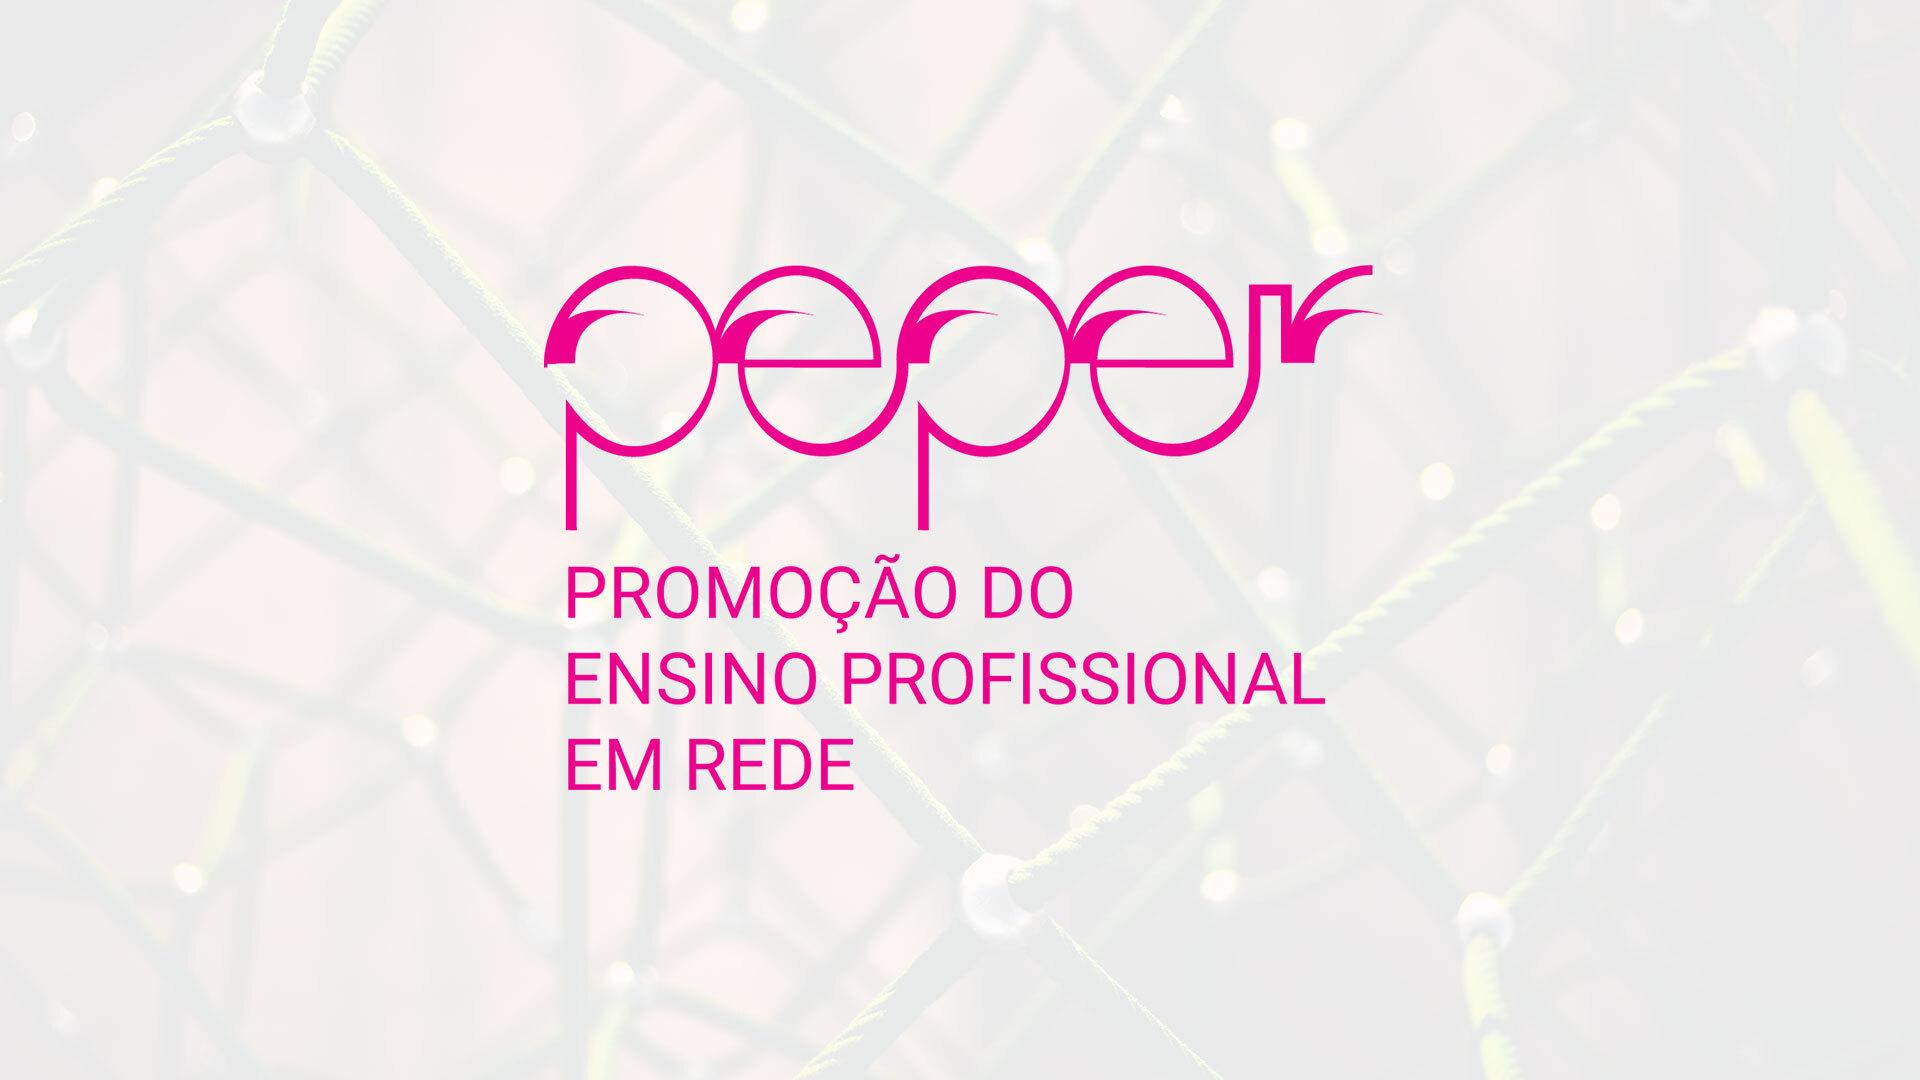 Rede PEPER apresenta novo site